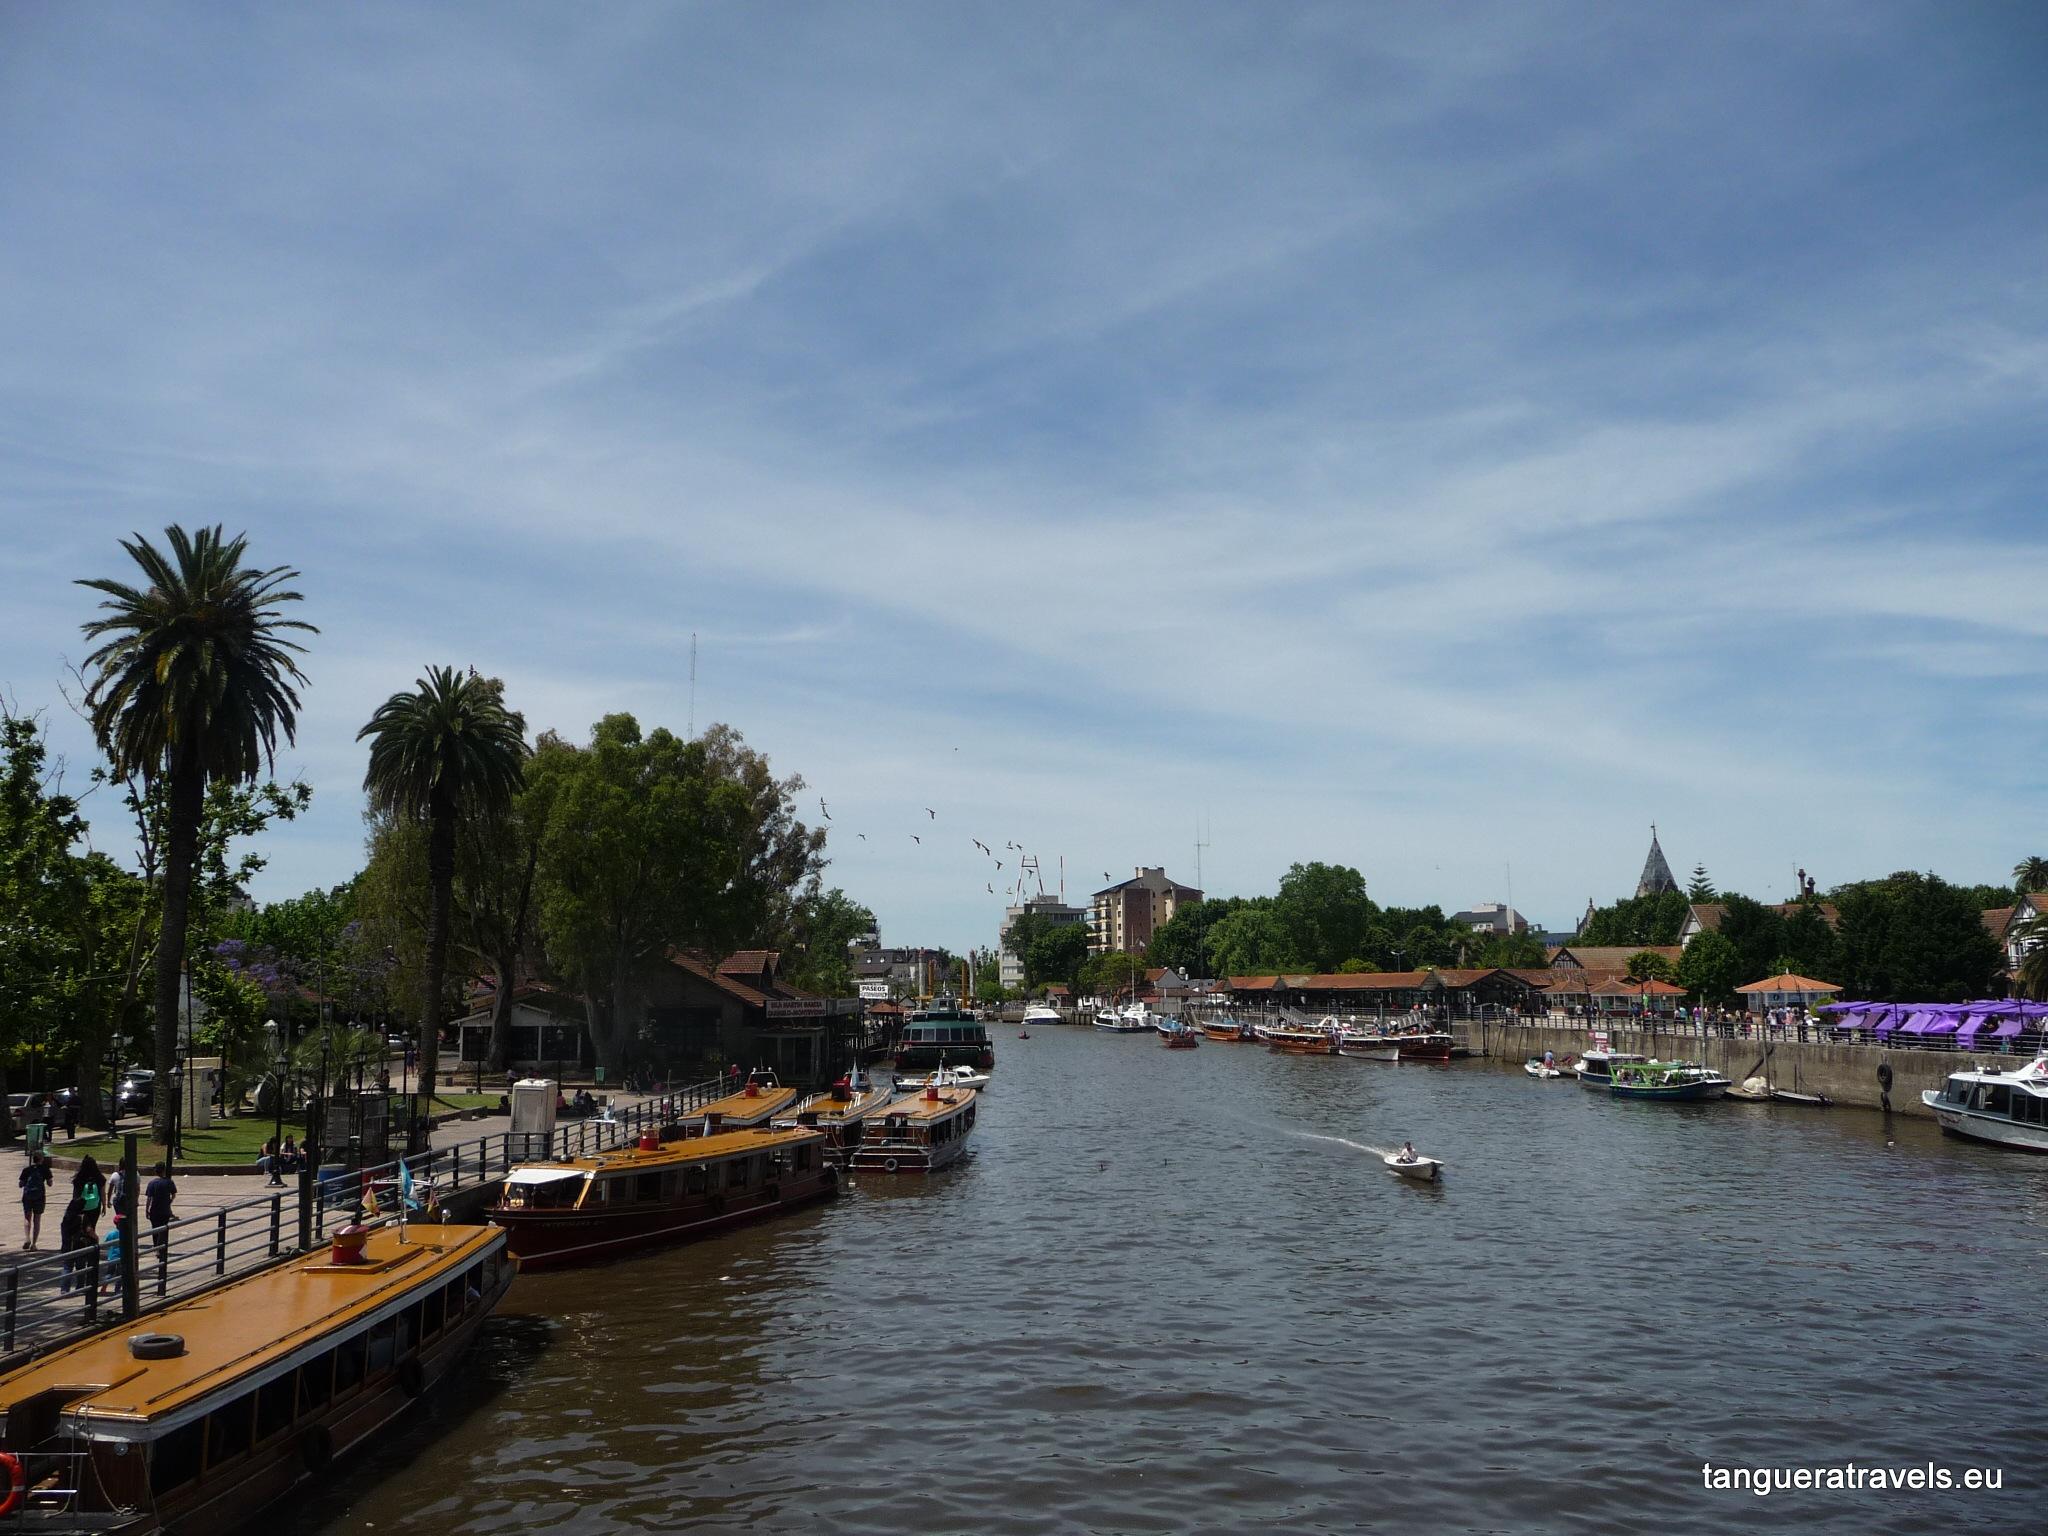 View of Rio Tigre from the bridge